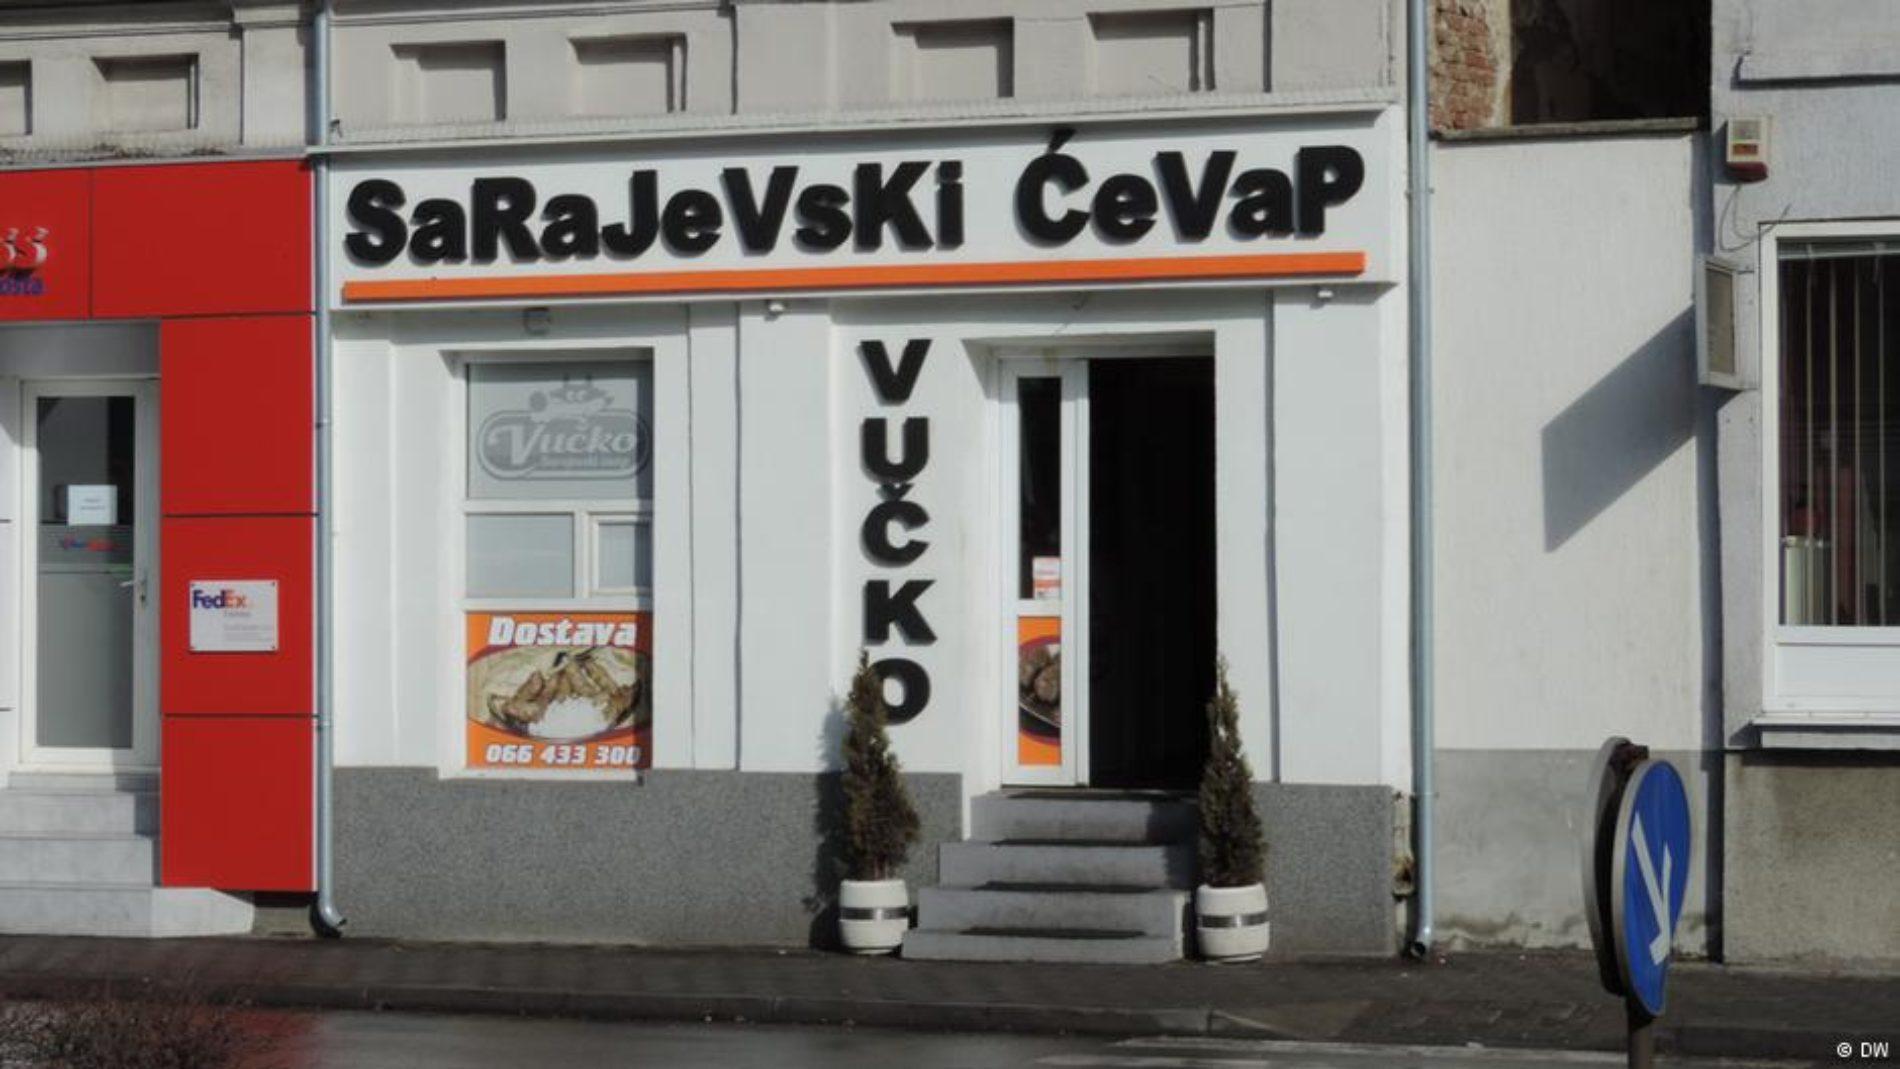 Sarajevski duh za nostalgičare u Bijeljini: Bosanski restoran u vlasništvu Bratislava Bošnjaka